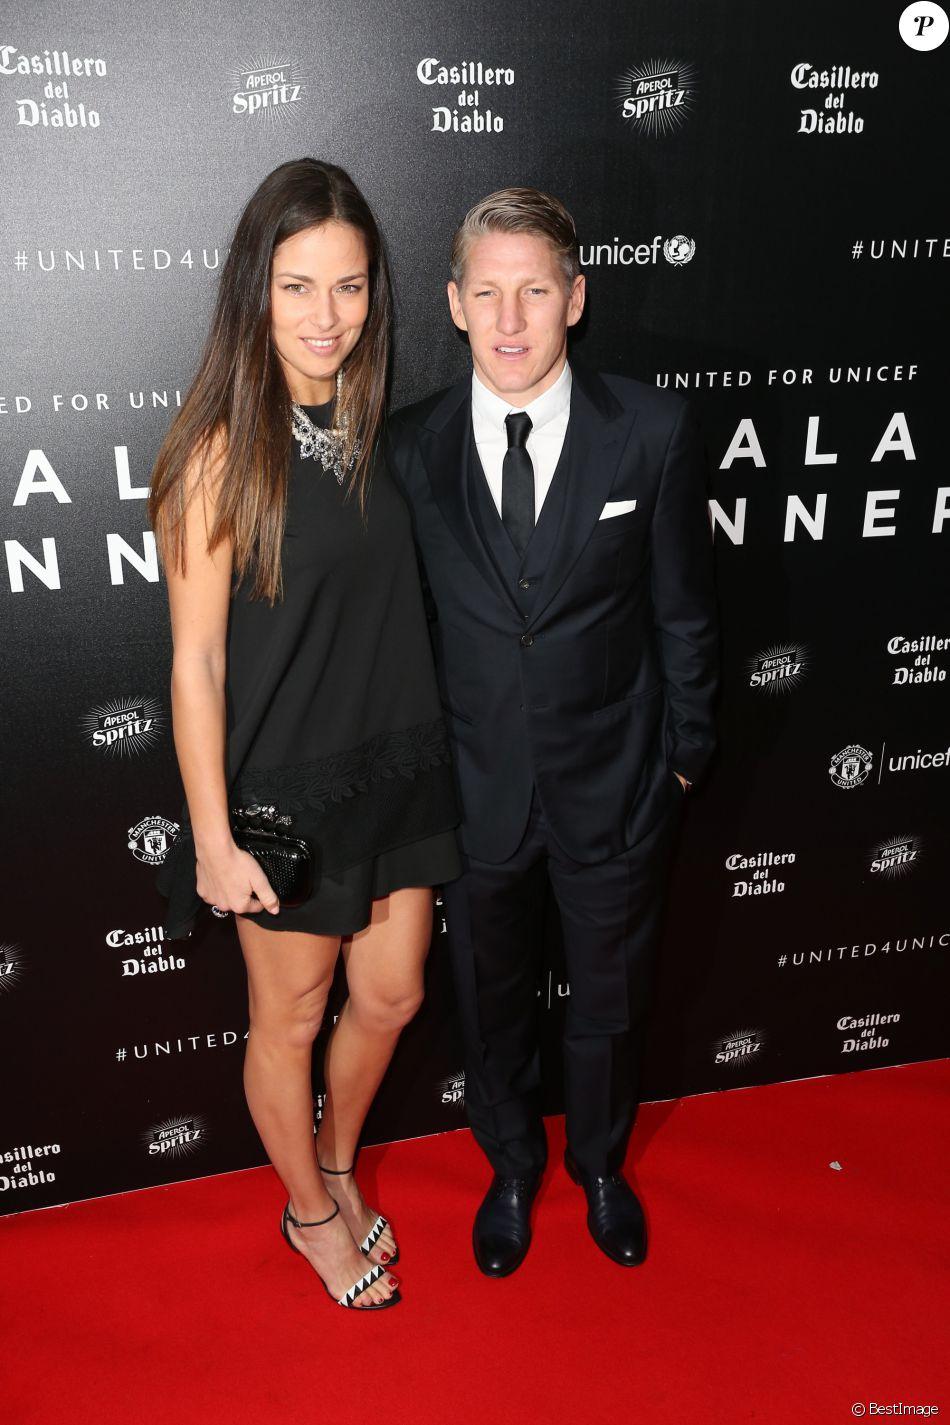 Ana Ivanovic et Bastian Schweinsteiger à la soirée de gala UNICEF à Manchester en Angleterre, le 29 novembre 2015